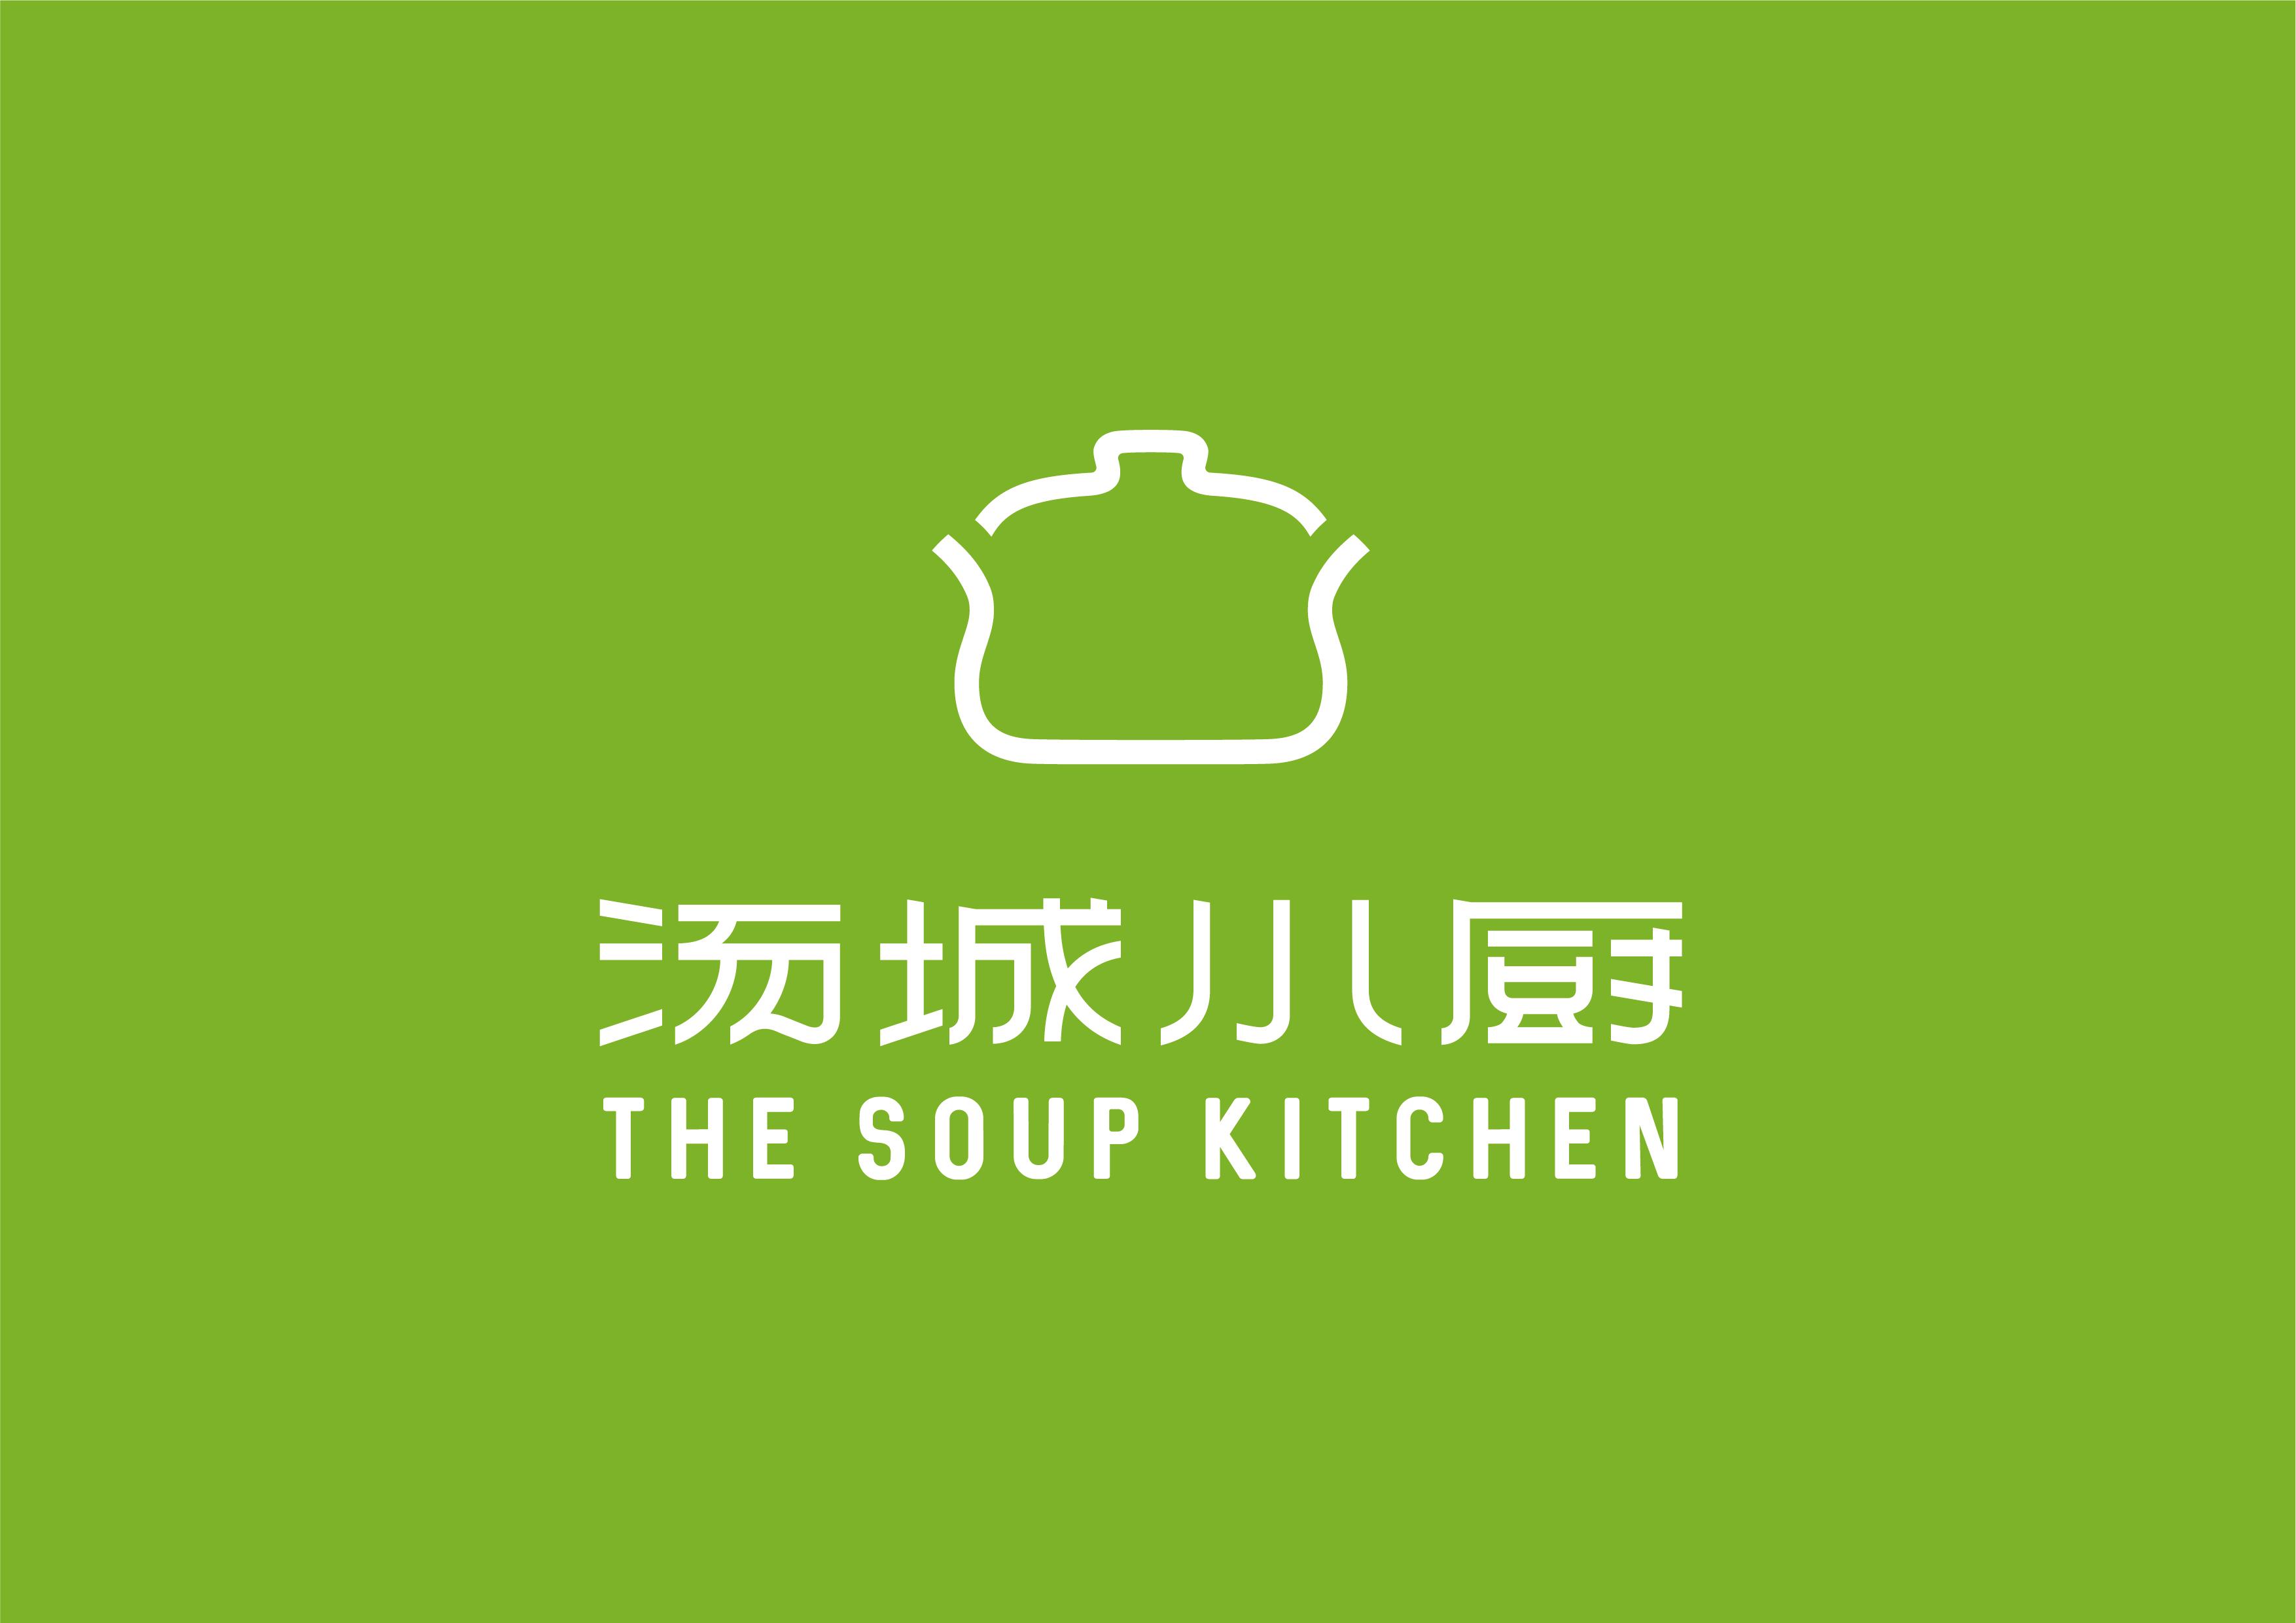 汤城小厨:国泰家圆,岁岁皆团圆